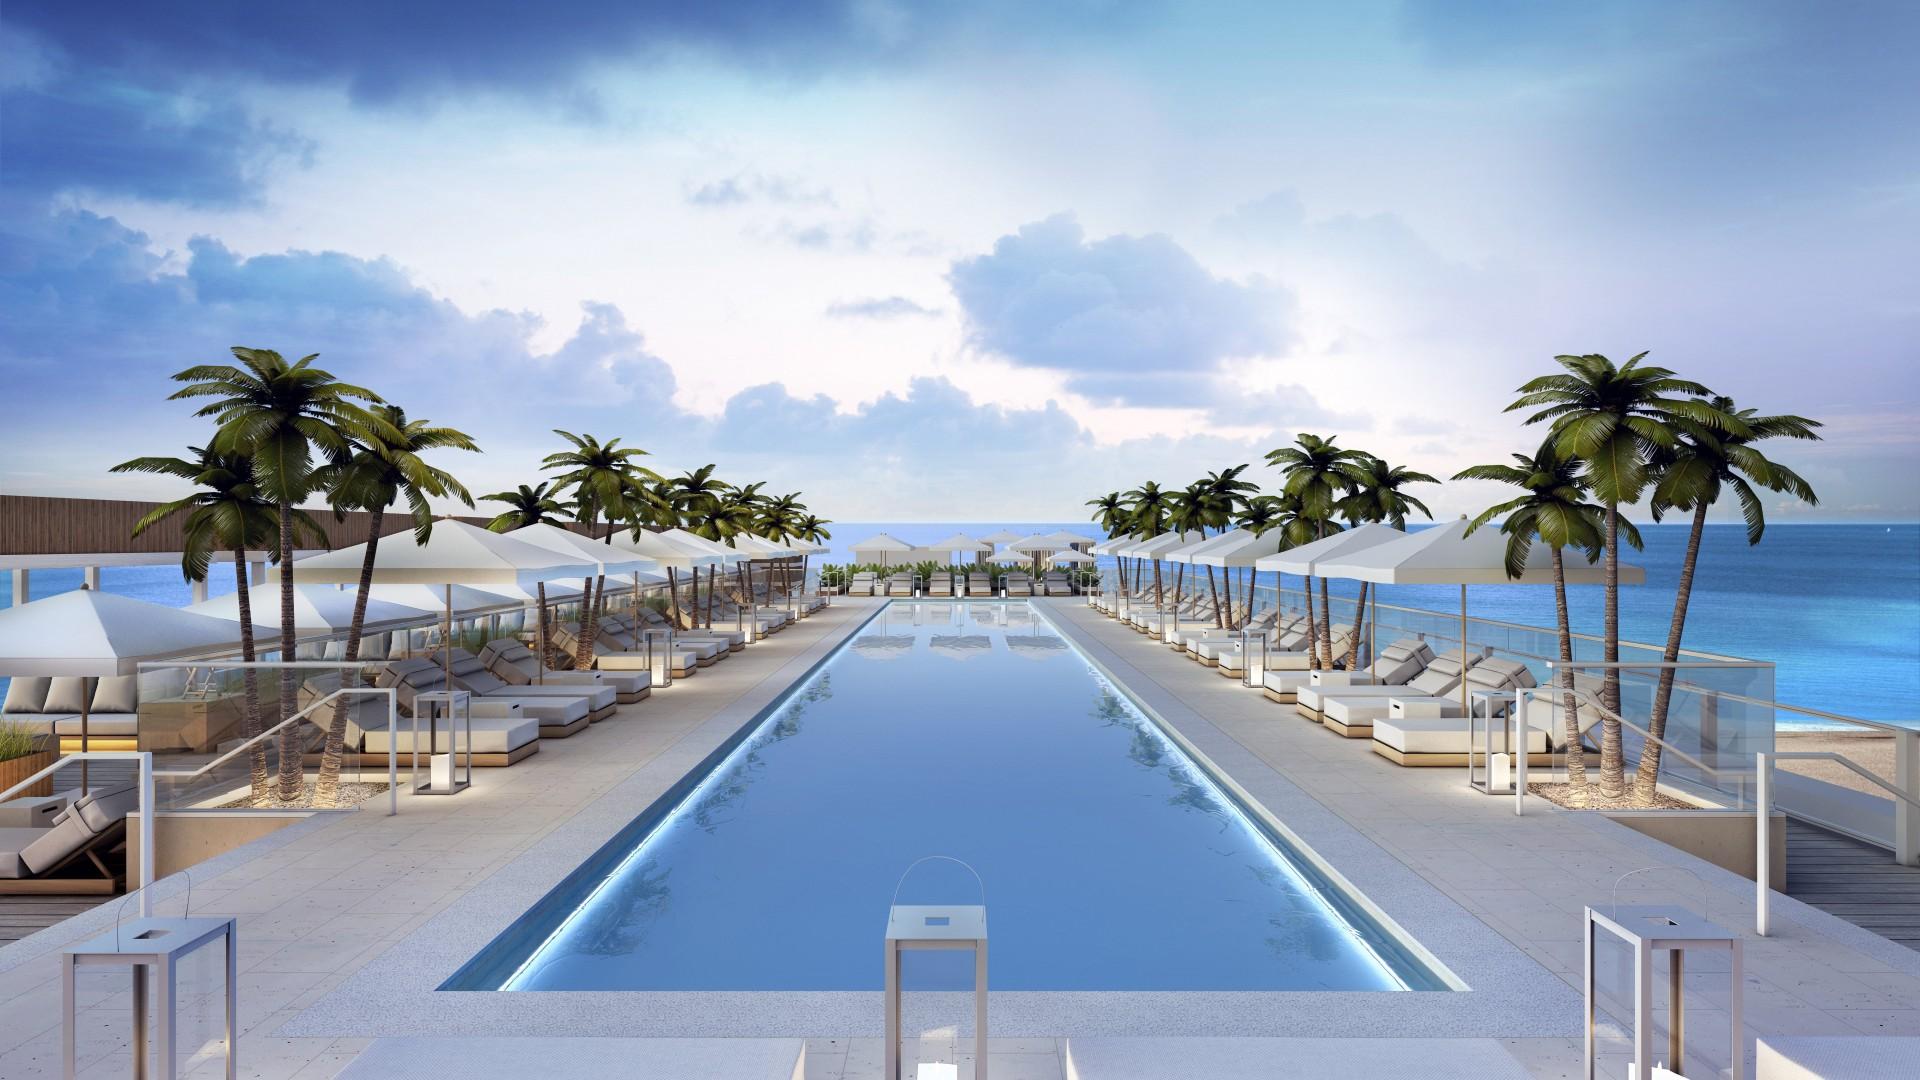 Майами США страны архитектура пляж  № 2229488 загрузить